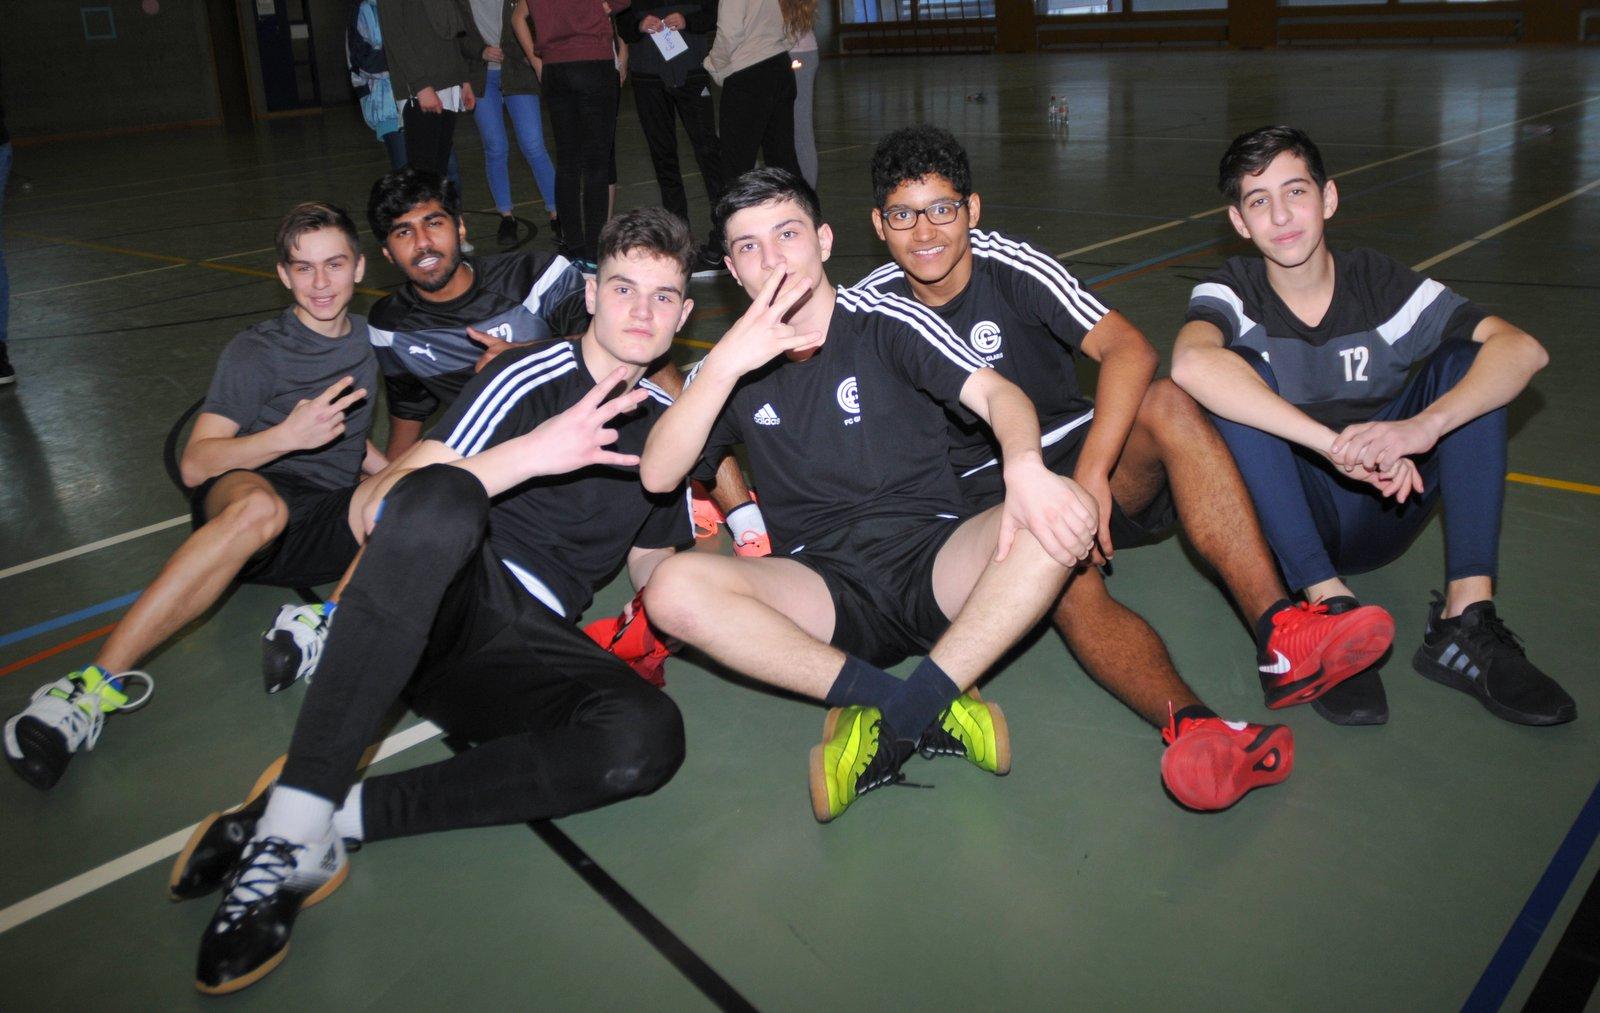 Feb. 18: Sieger im Handball-Turnier aus Schwanden